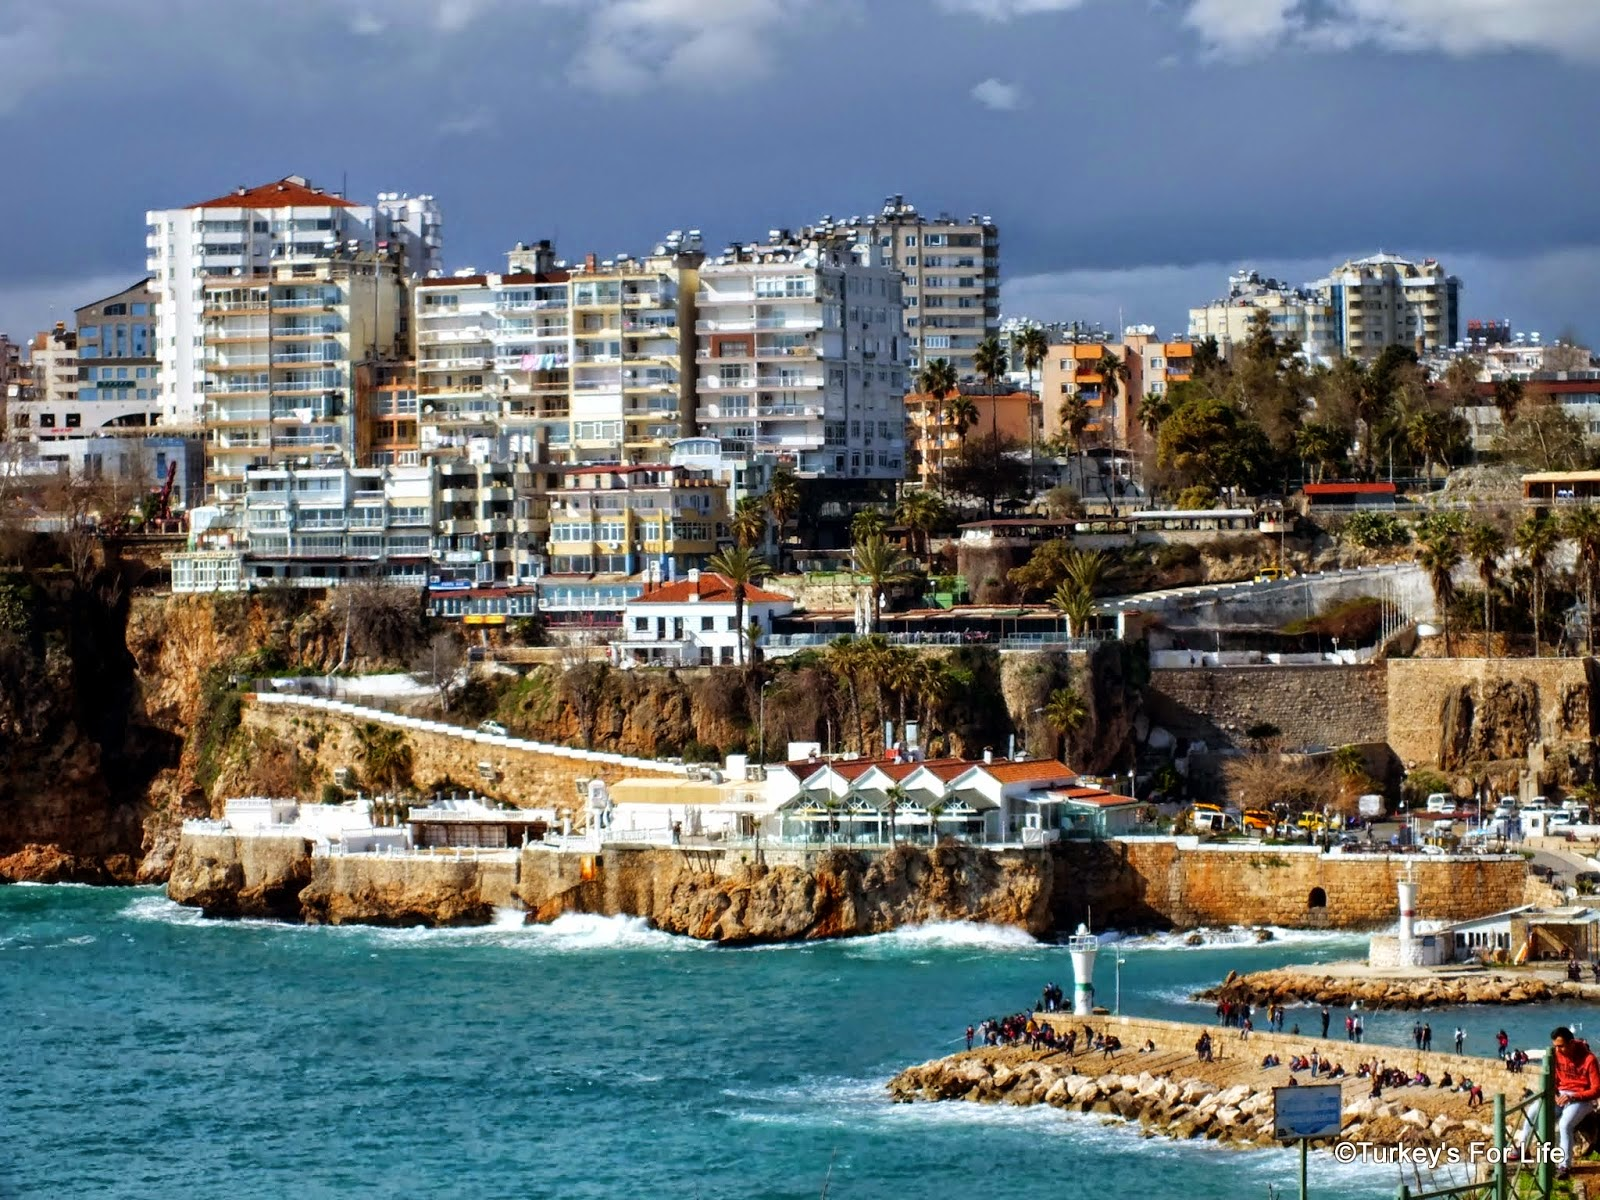 صور سياحية لتركيا